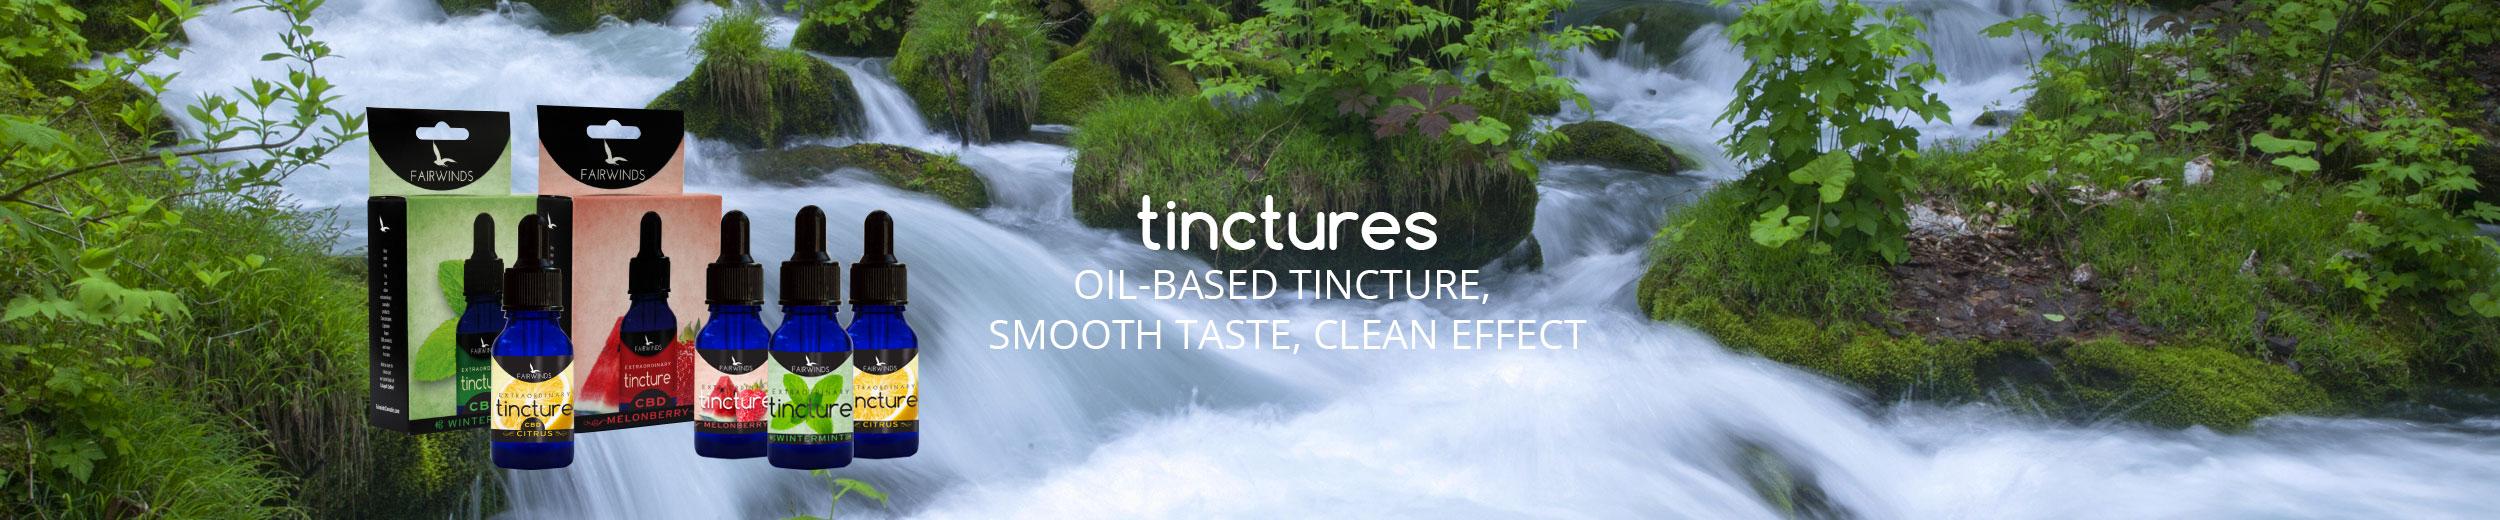 tinctures3